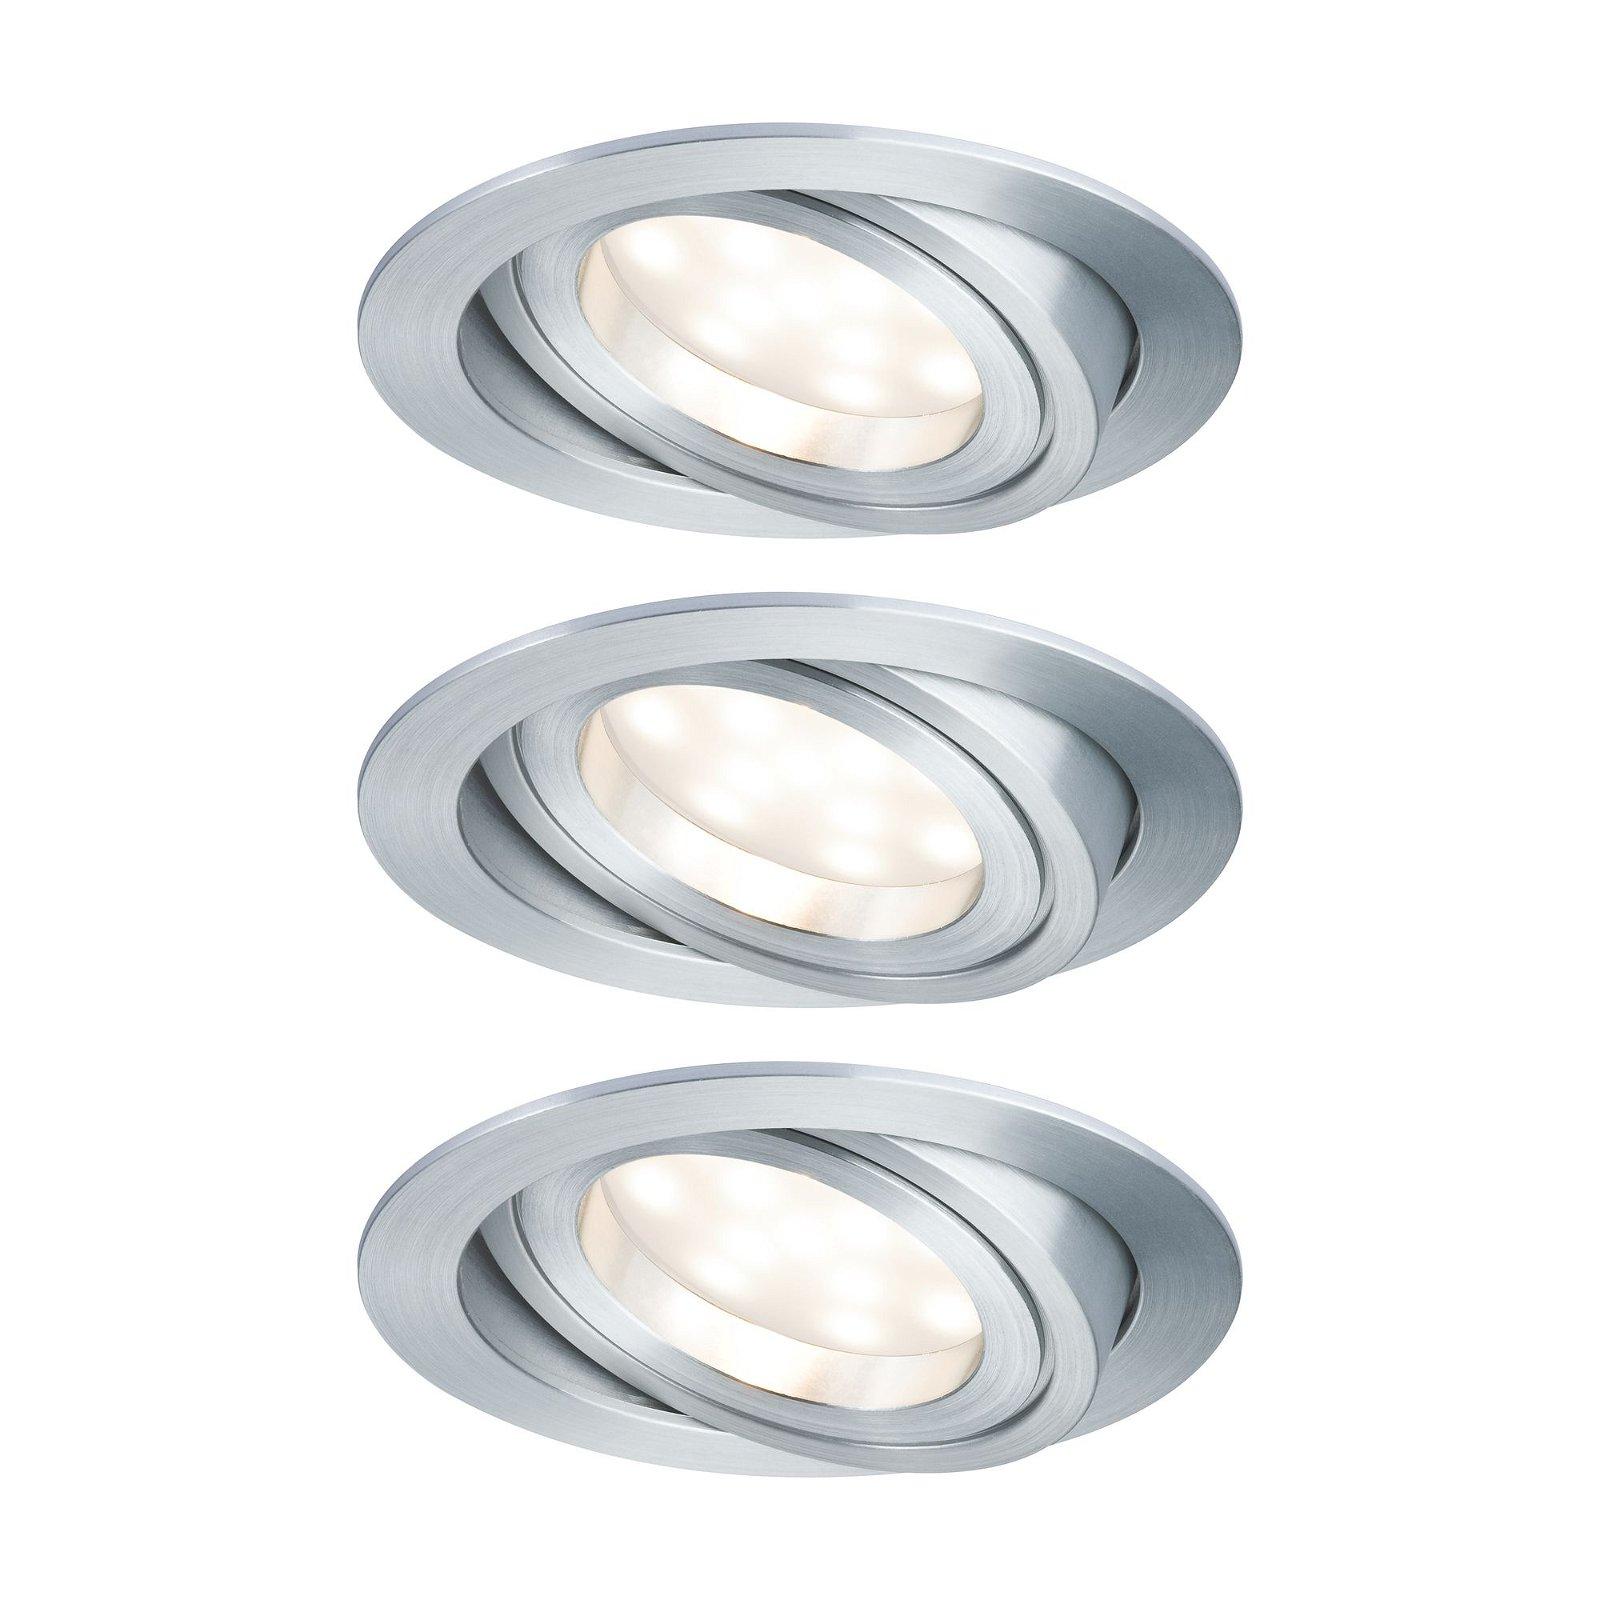 LED Einbauleuchte Warmweiß Basisset schwenkbar rund 90mm 45° Coin 3x7W 3x380lm 230V 2700K Alu gedreht/Satin